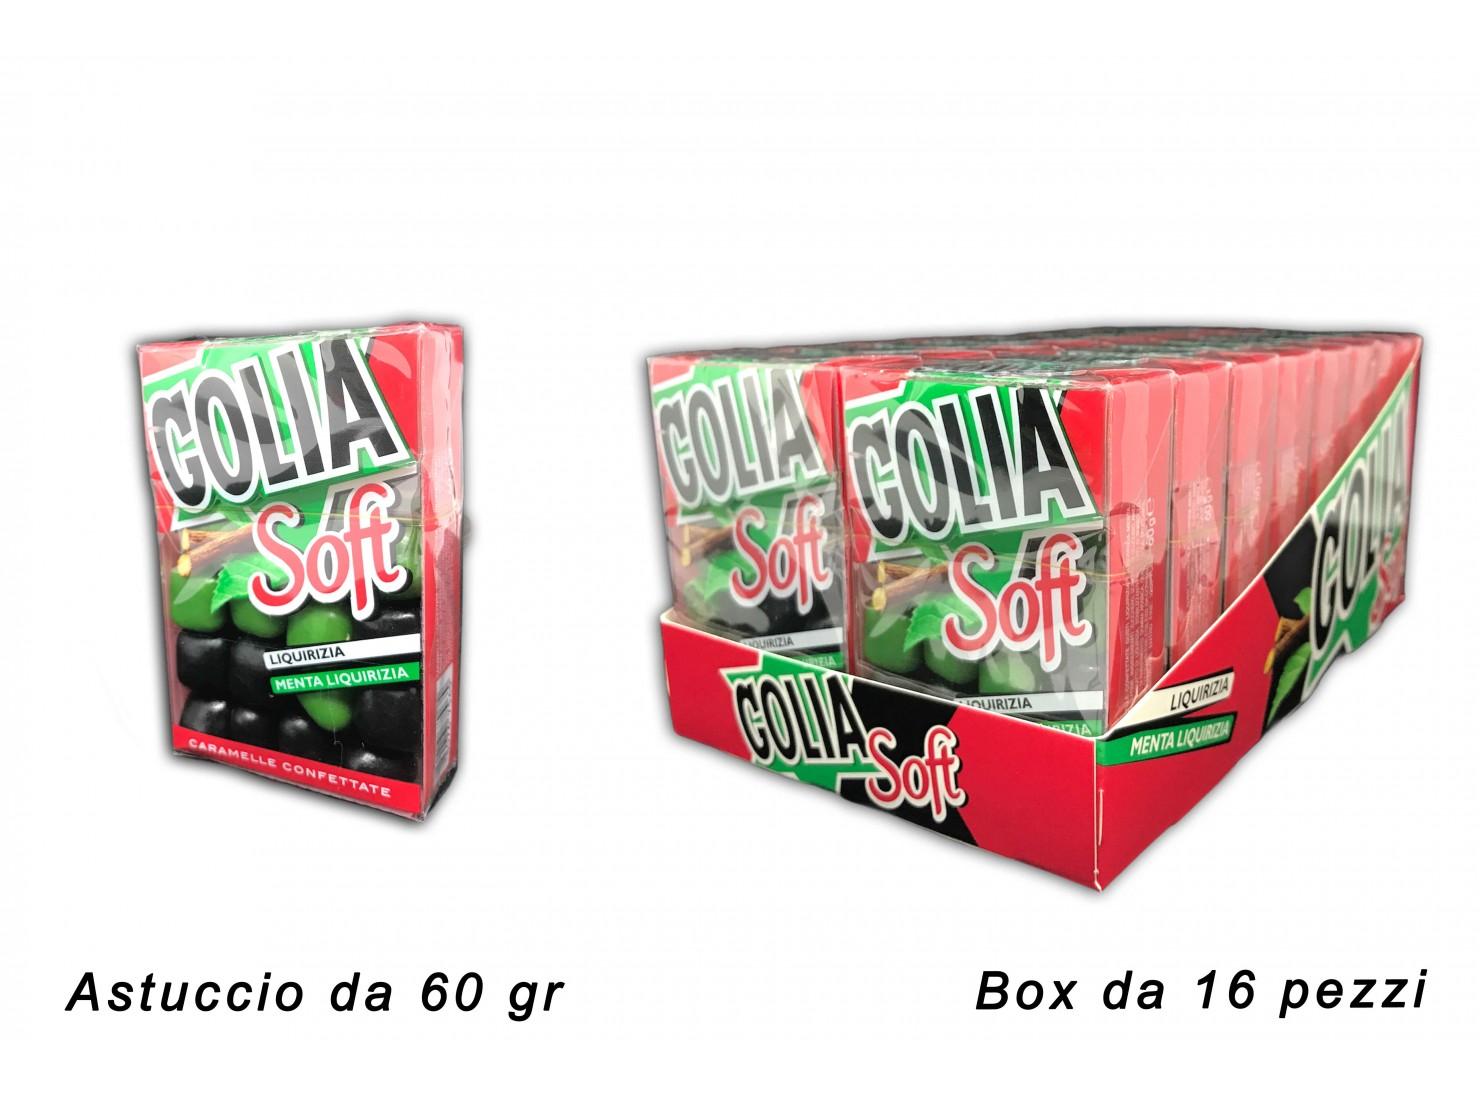 GOLIA SOFT CONFETTATE...